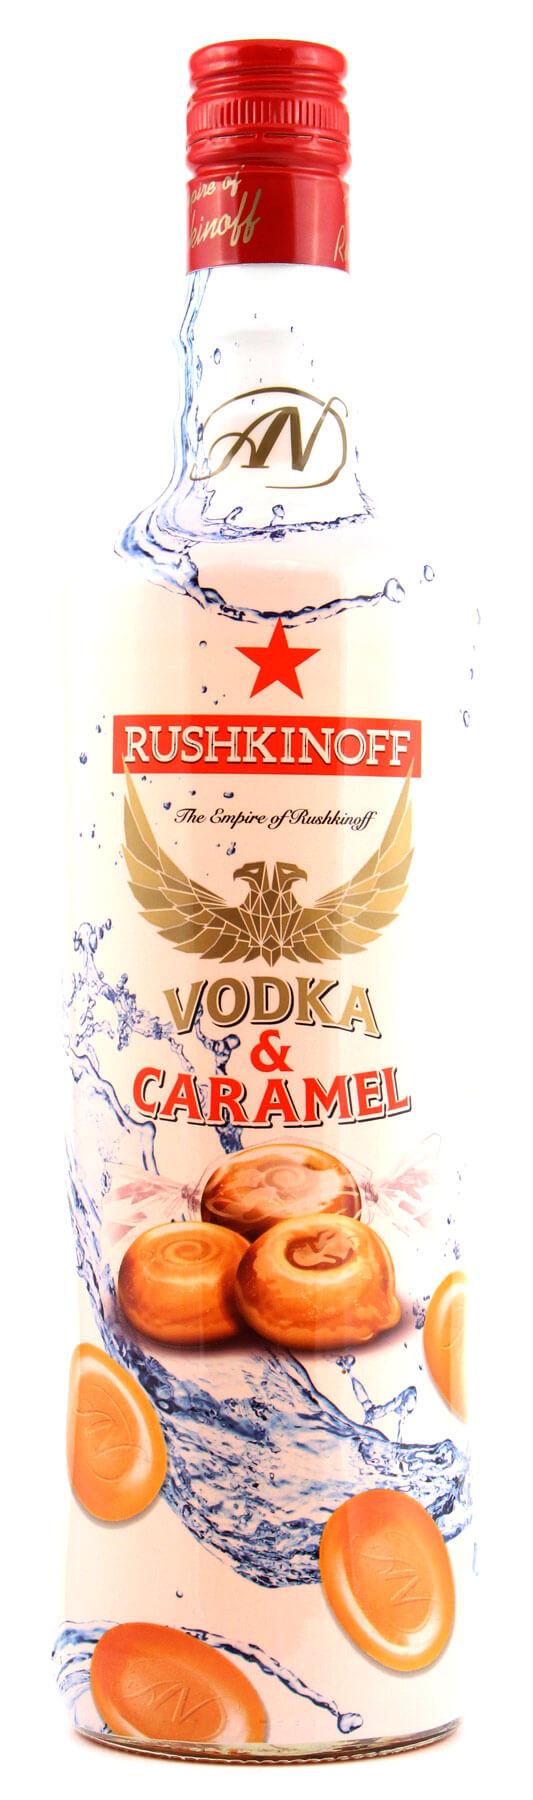 RUSHKINOFF VODKA CARAMEL KAUFLAND